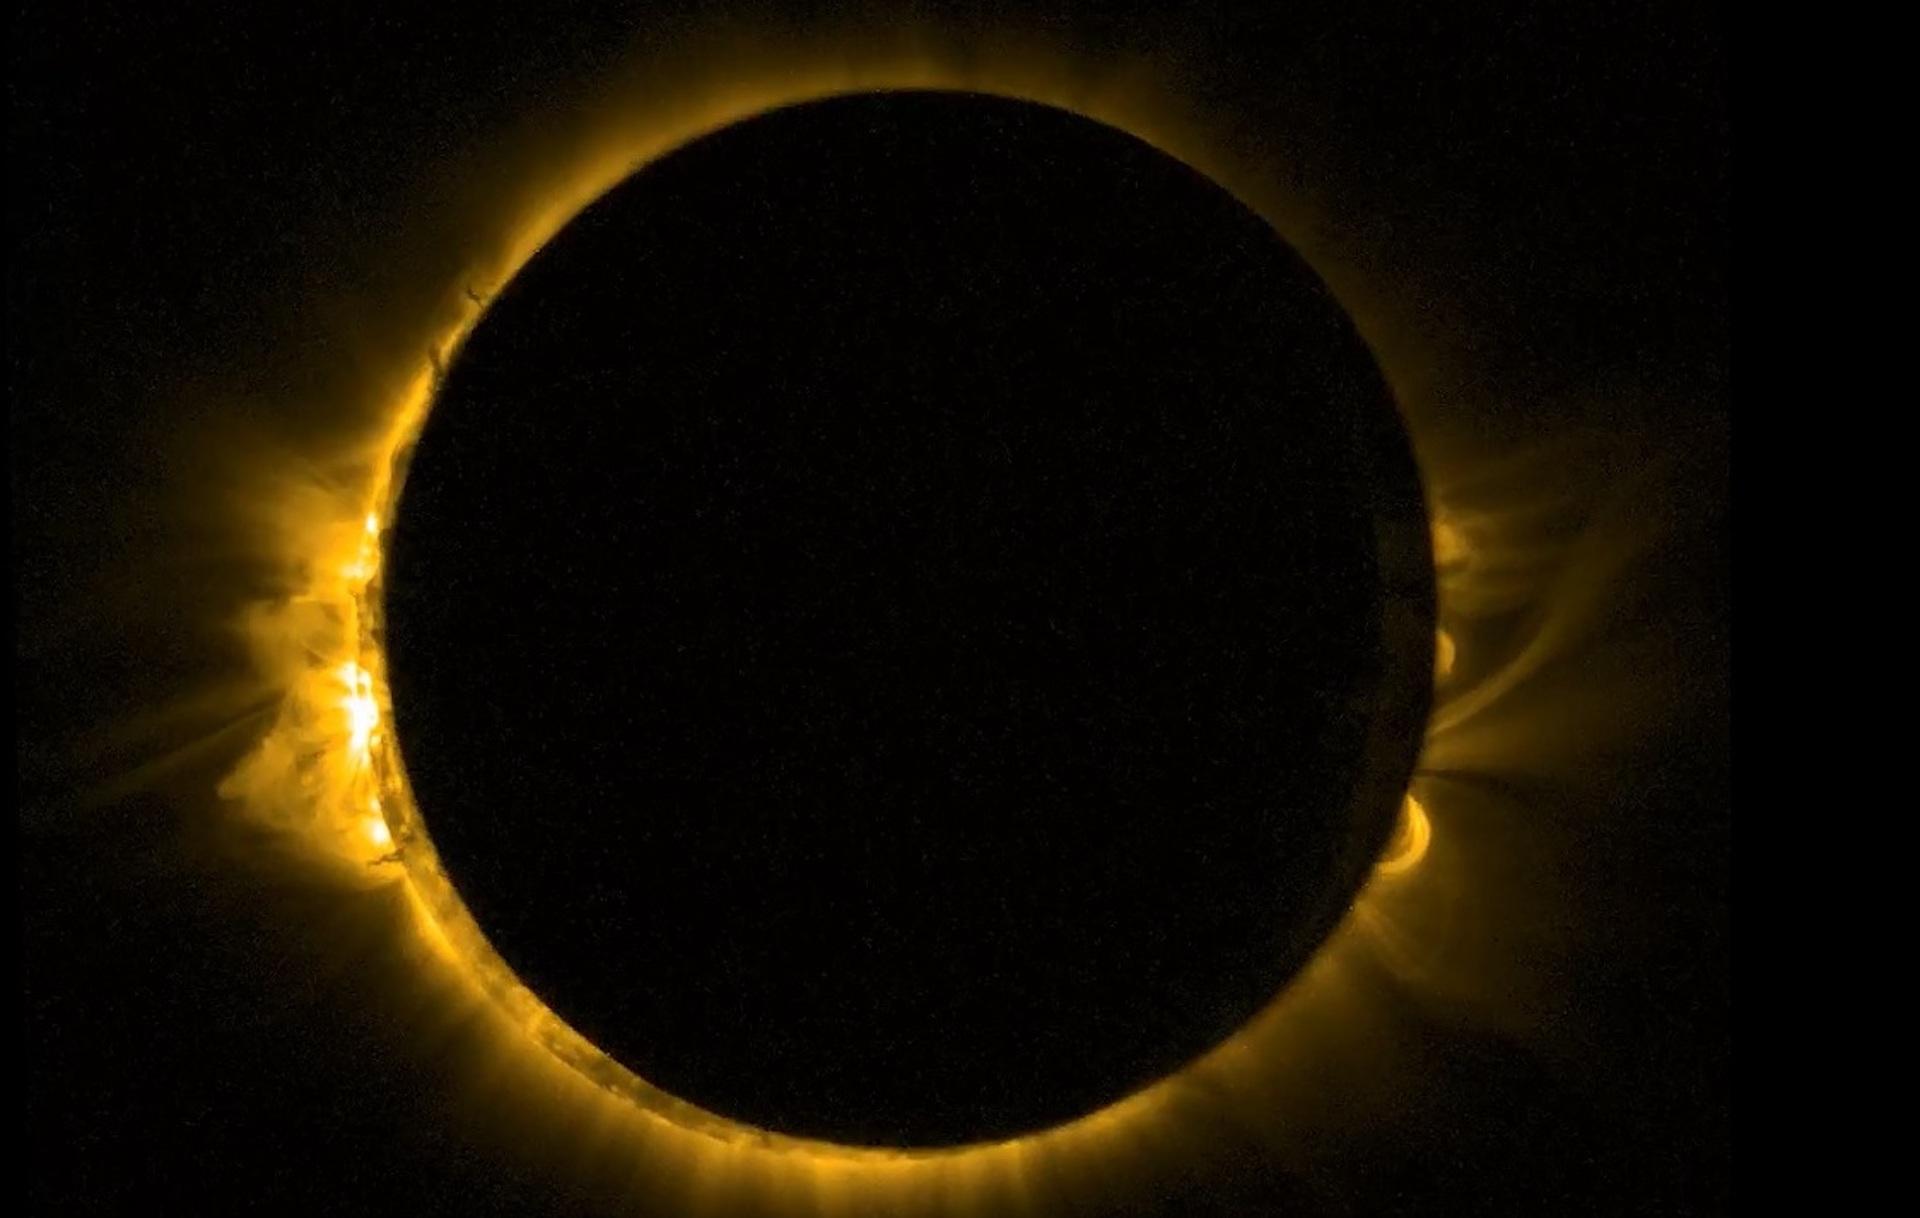 ¿Cuándo será el próximo eclipse solar total en Argentina? En 2020